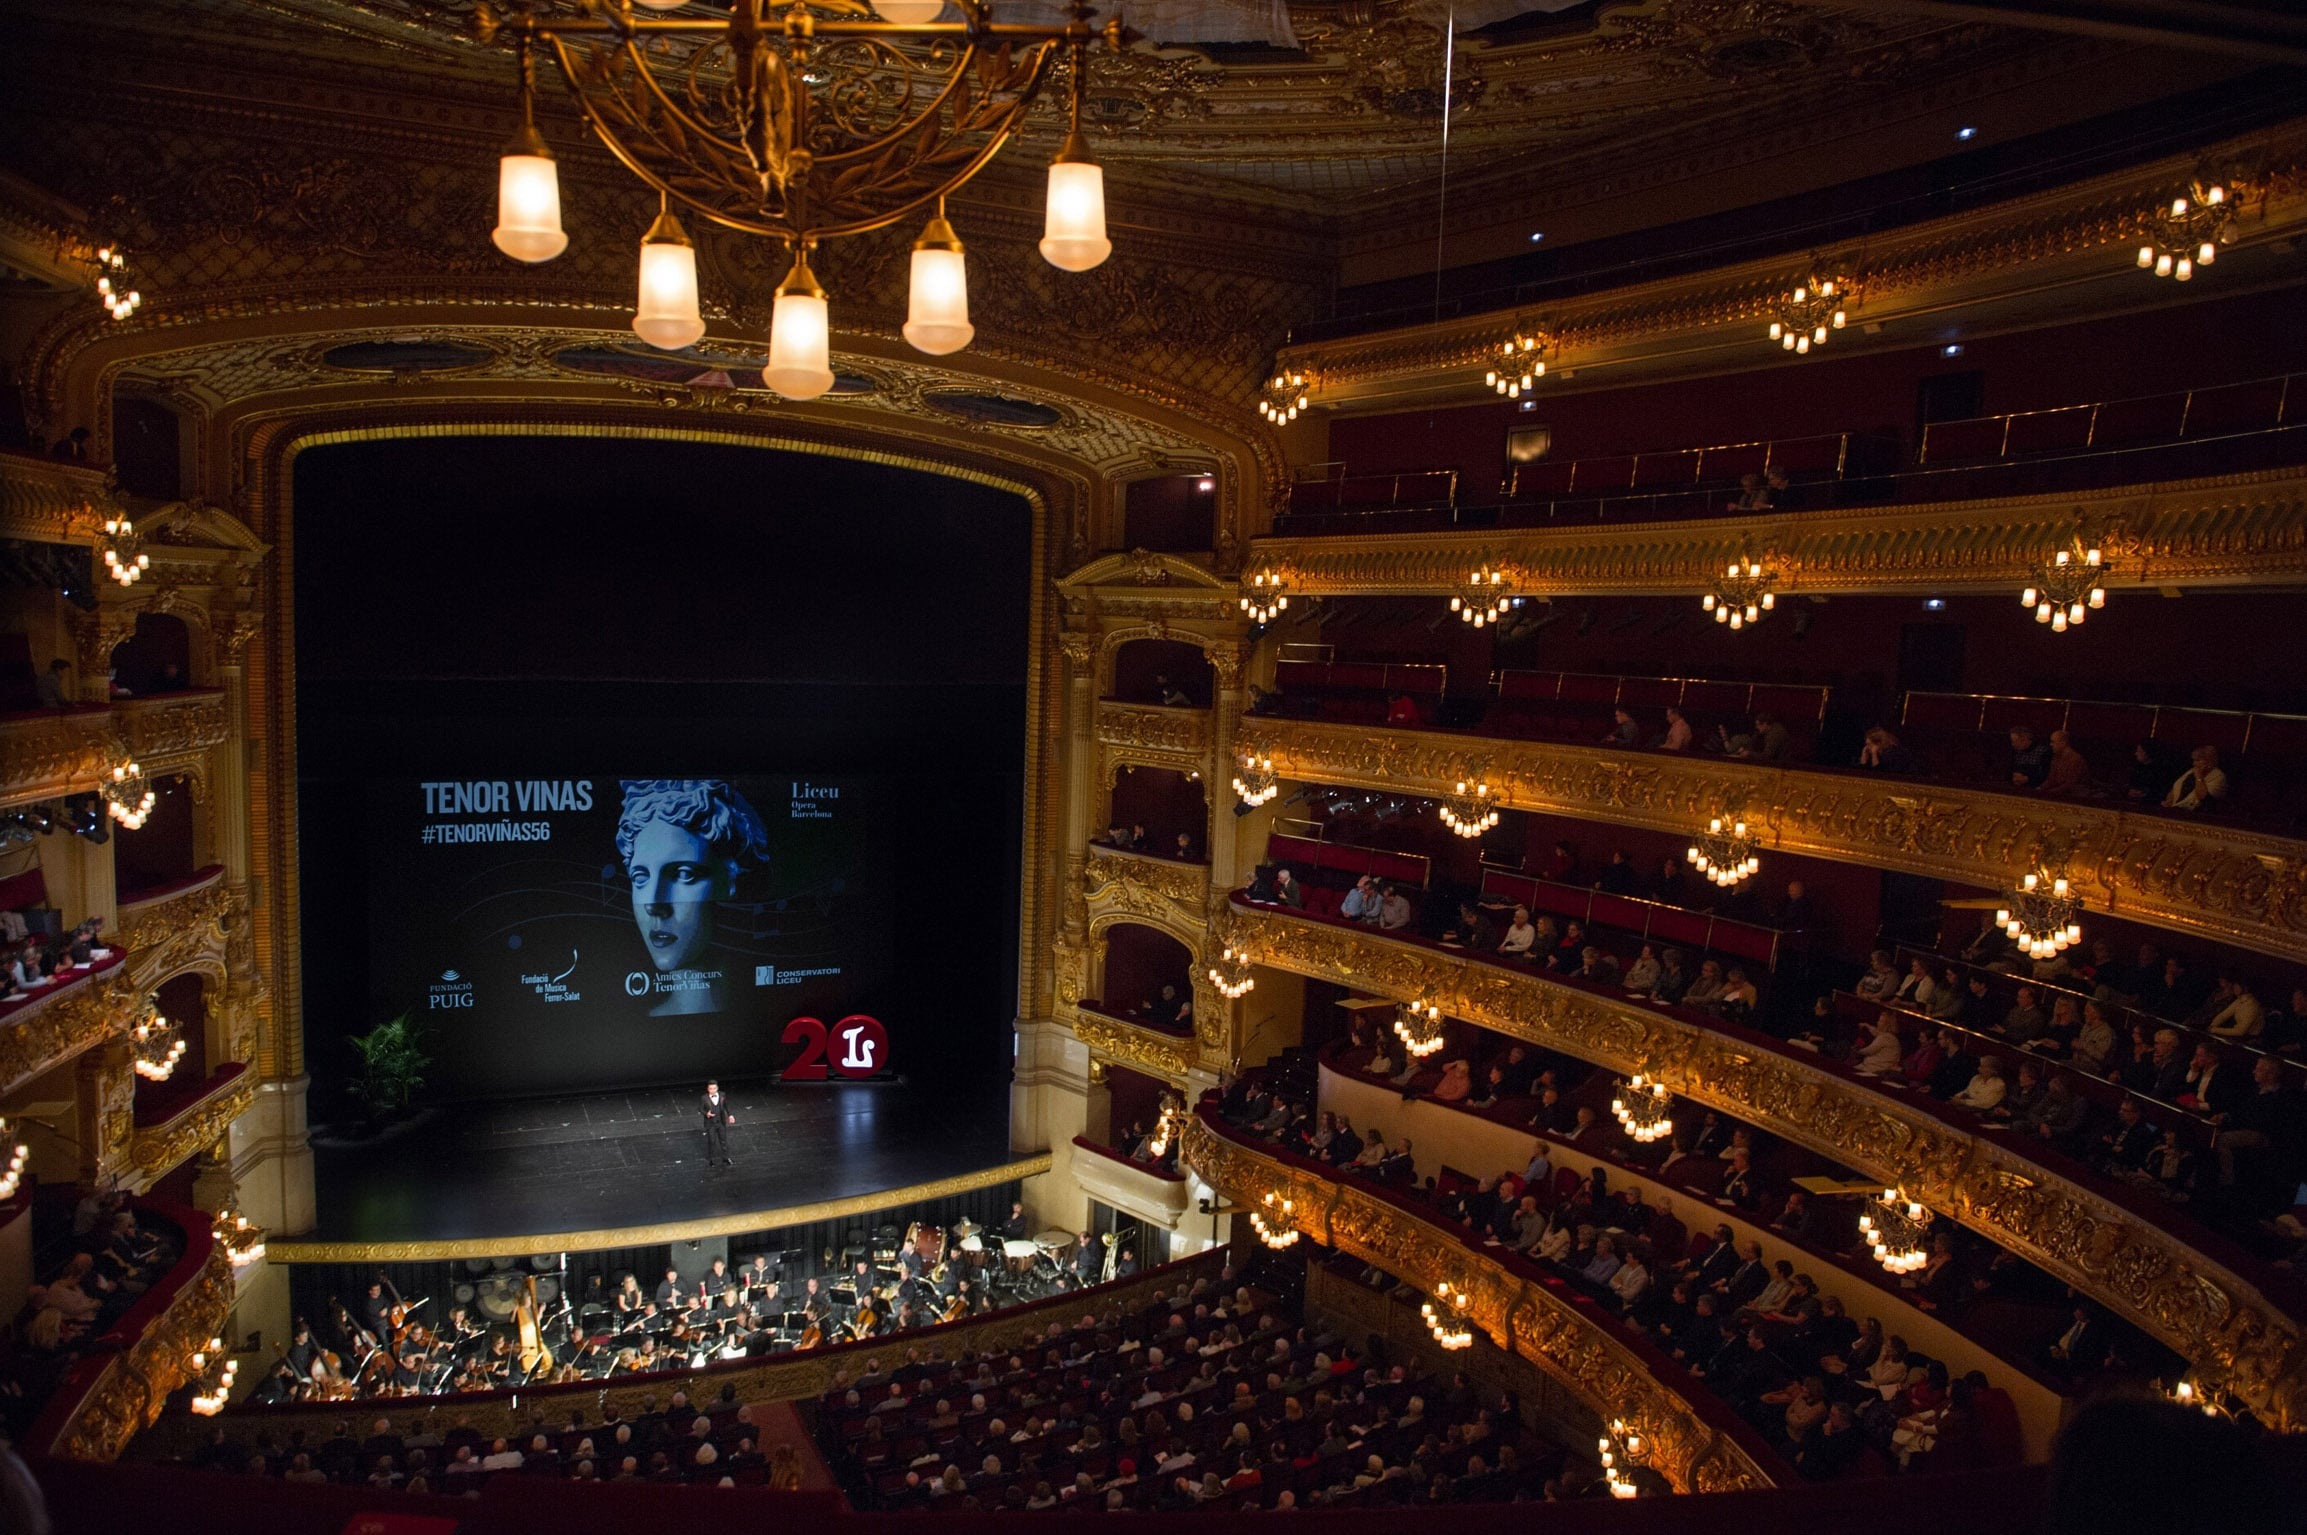 El Gran teatre del Liceo de Barcelona